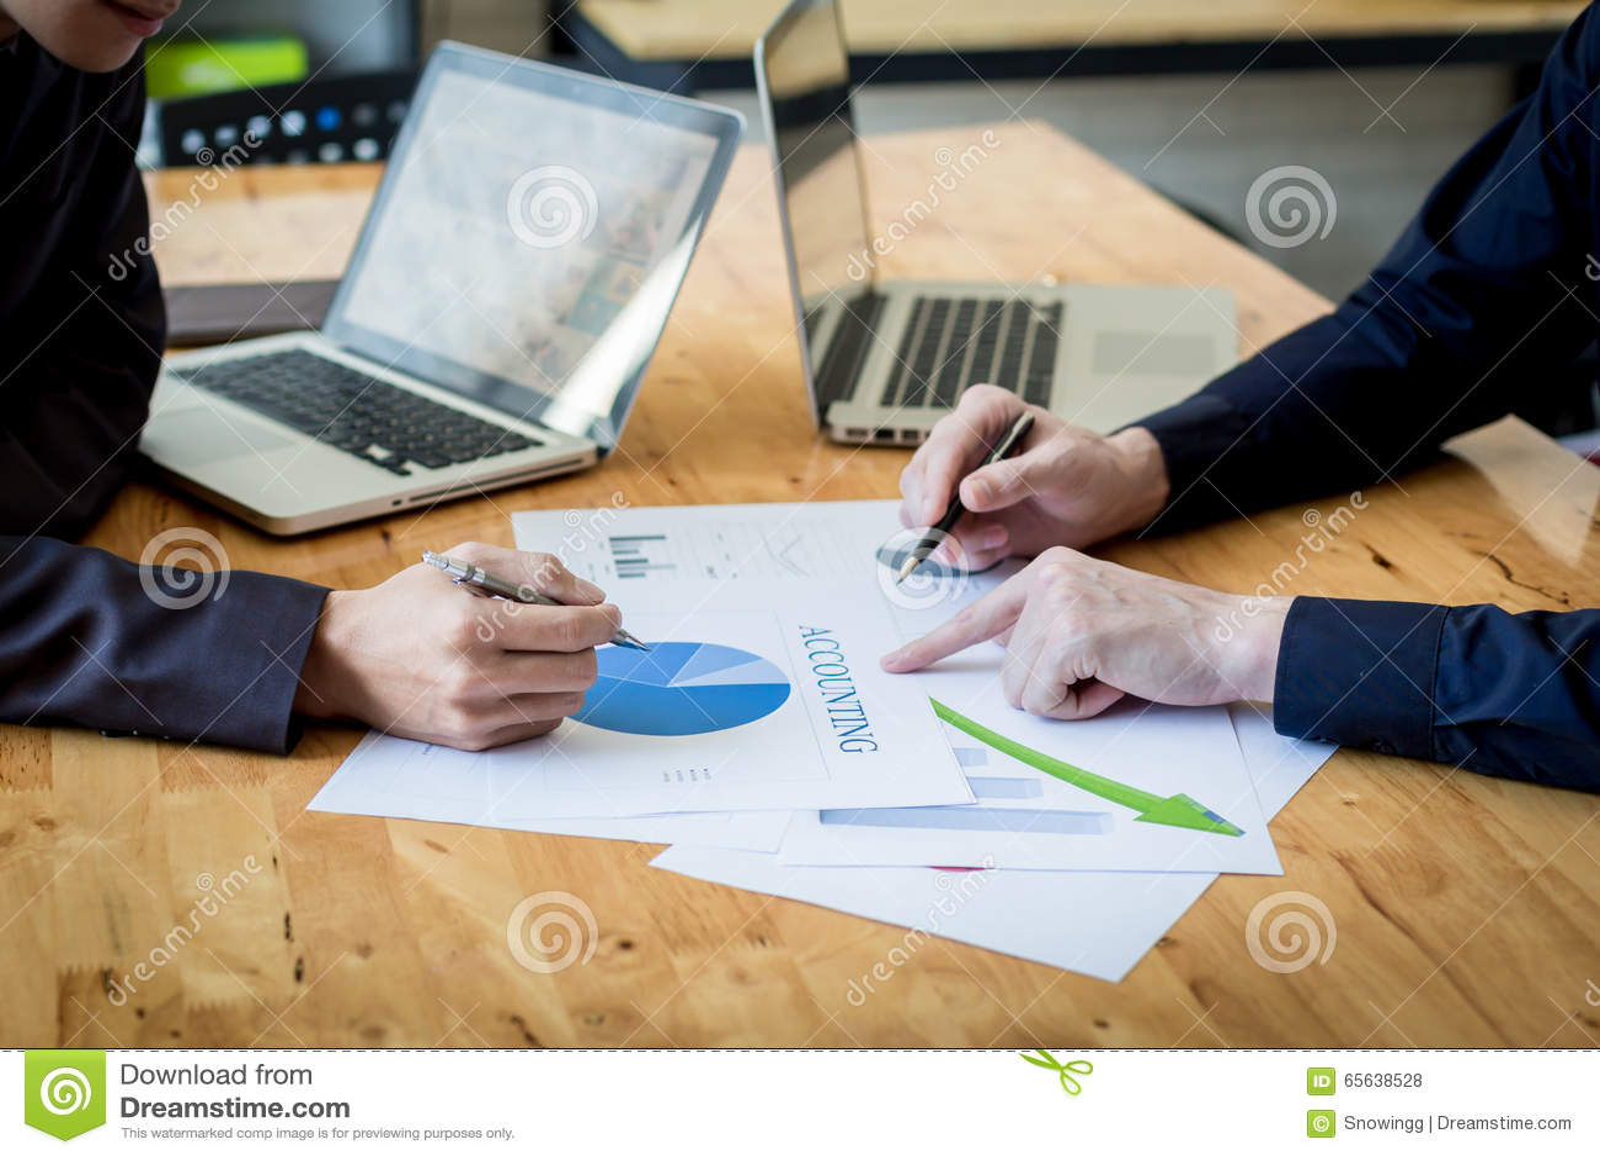 Gens d affaires discutant les diagrammes et les graphiques montrant la recherche